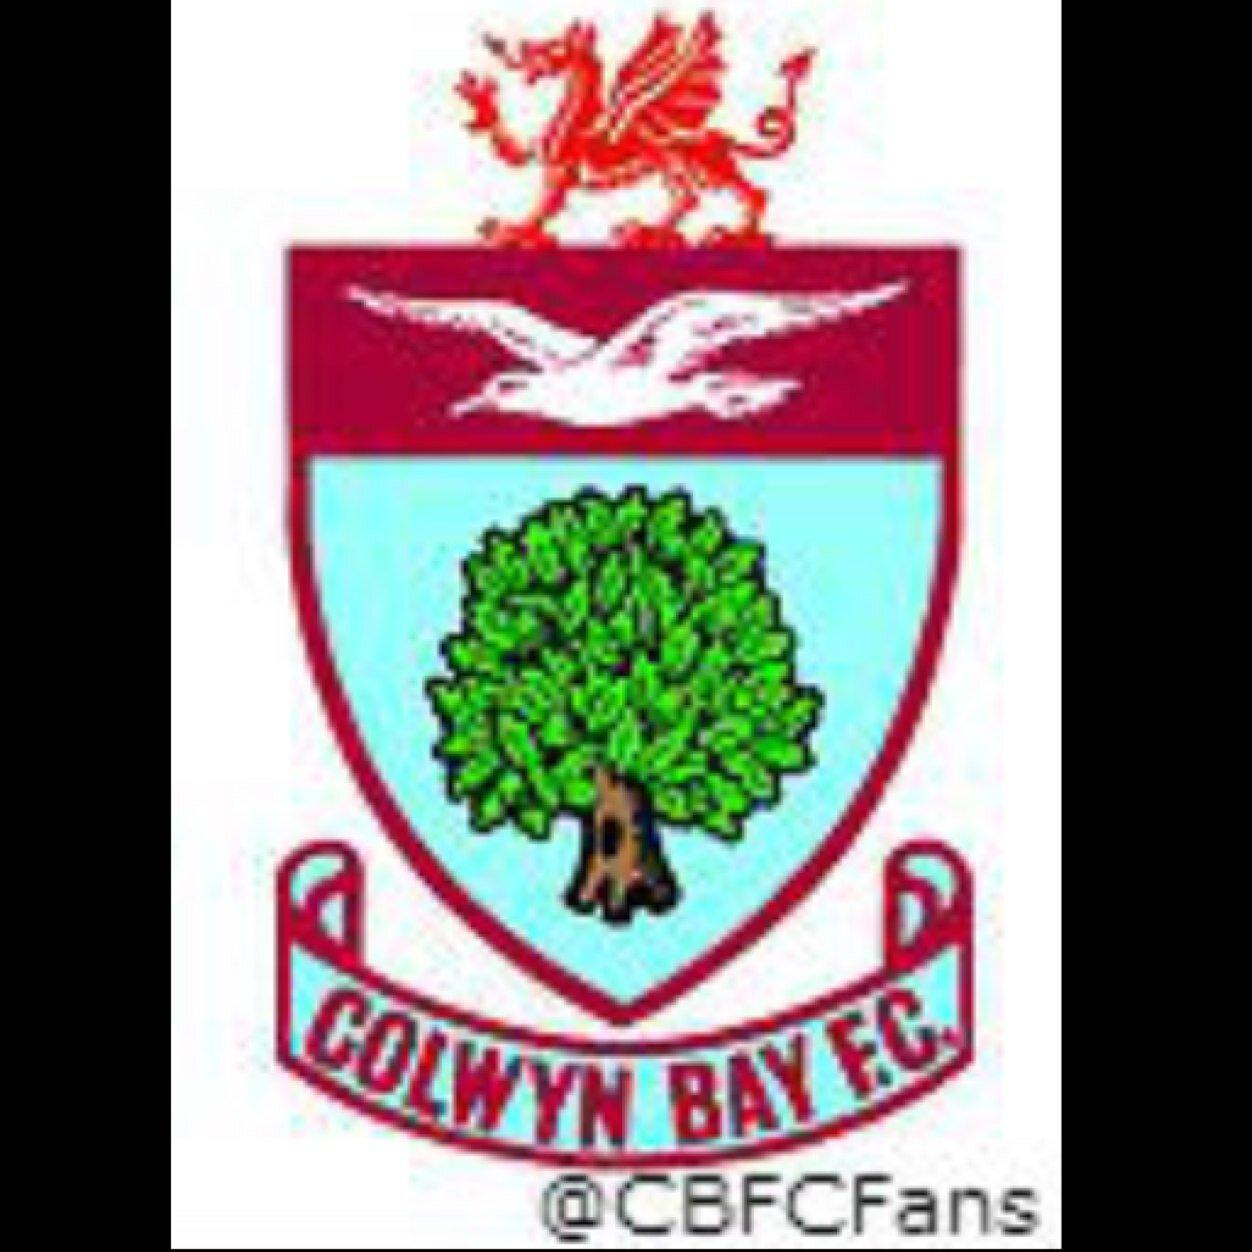 Colwyn Bay Pioneer Colwyn Bay fc Fans Cbfcfans